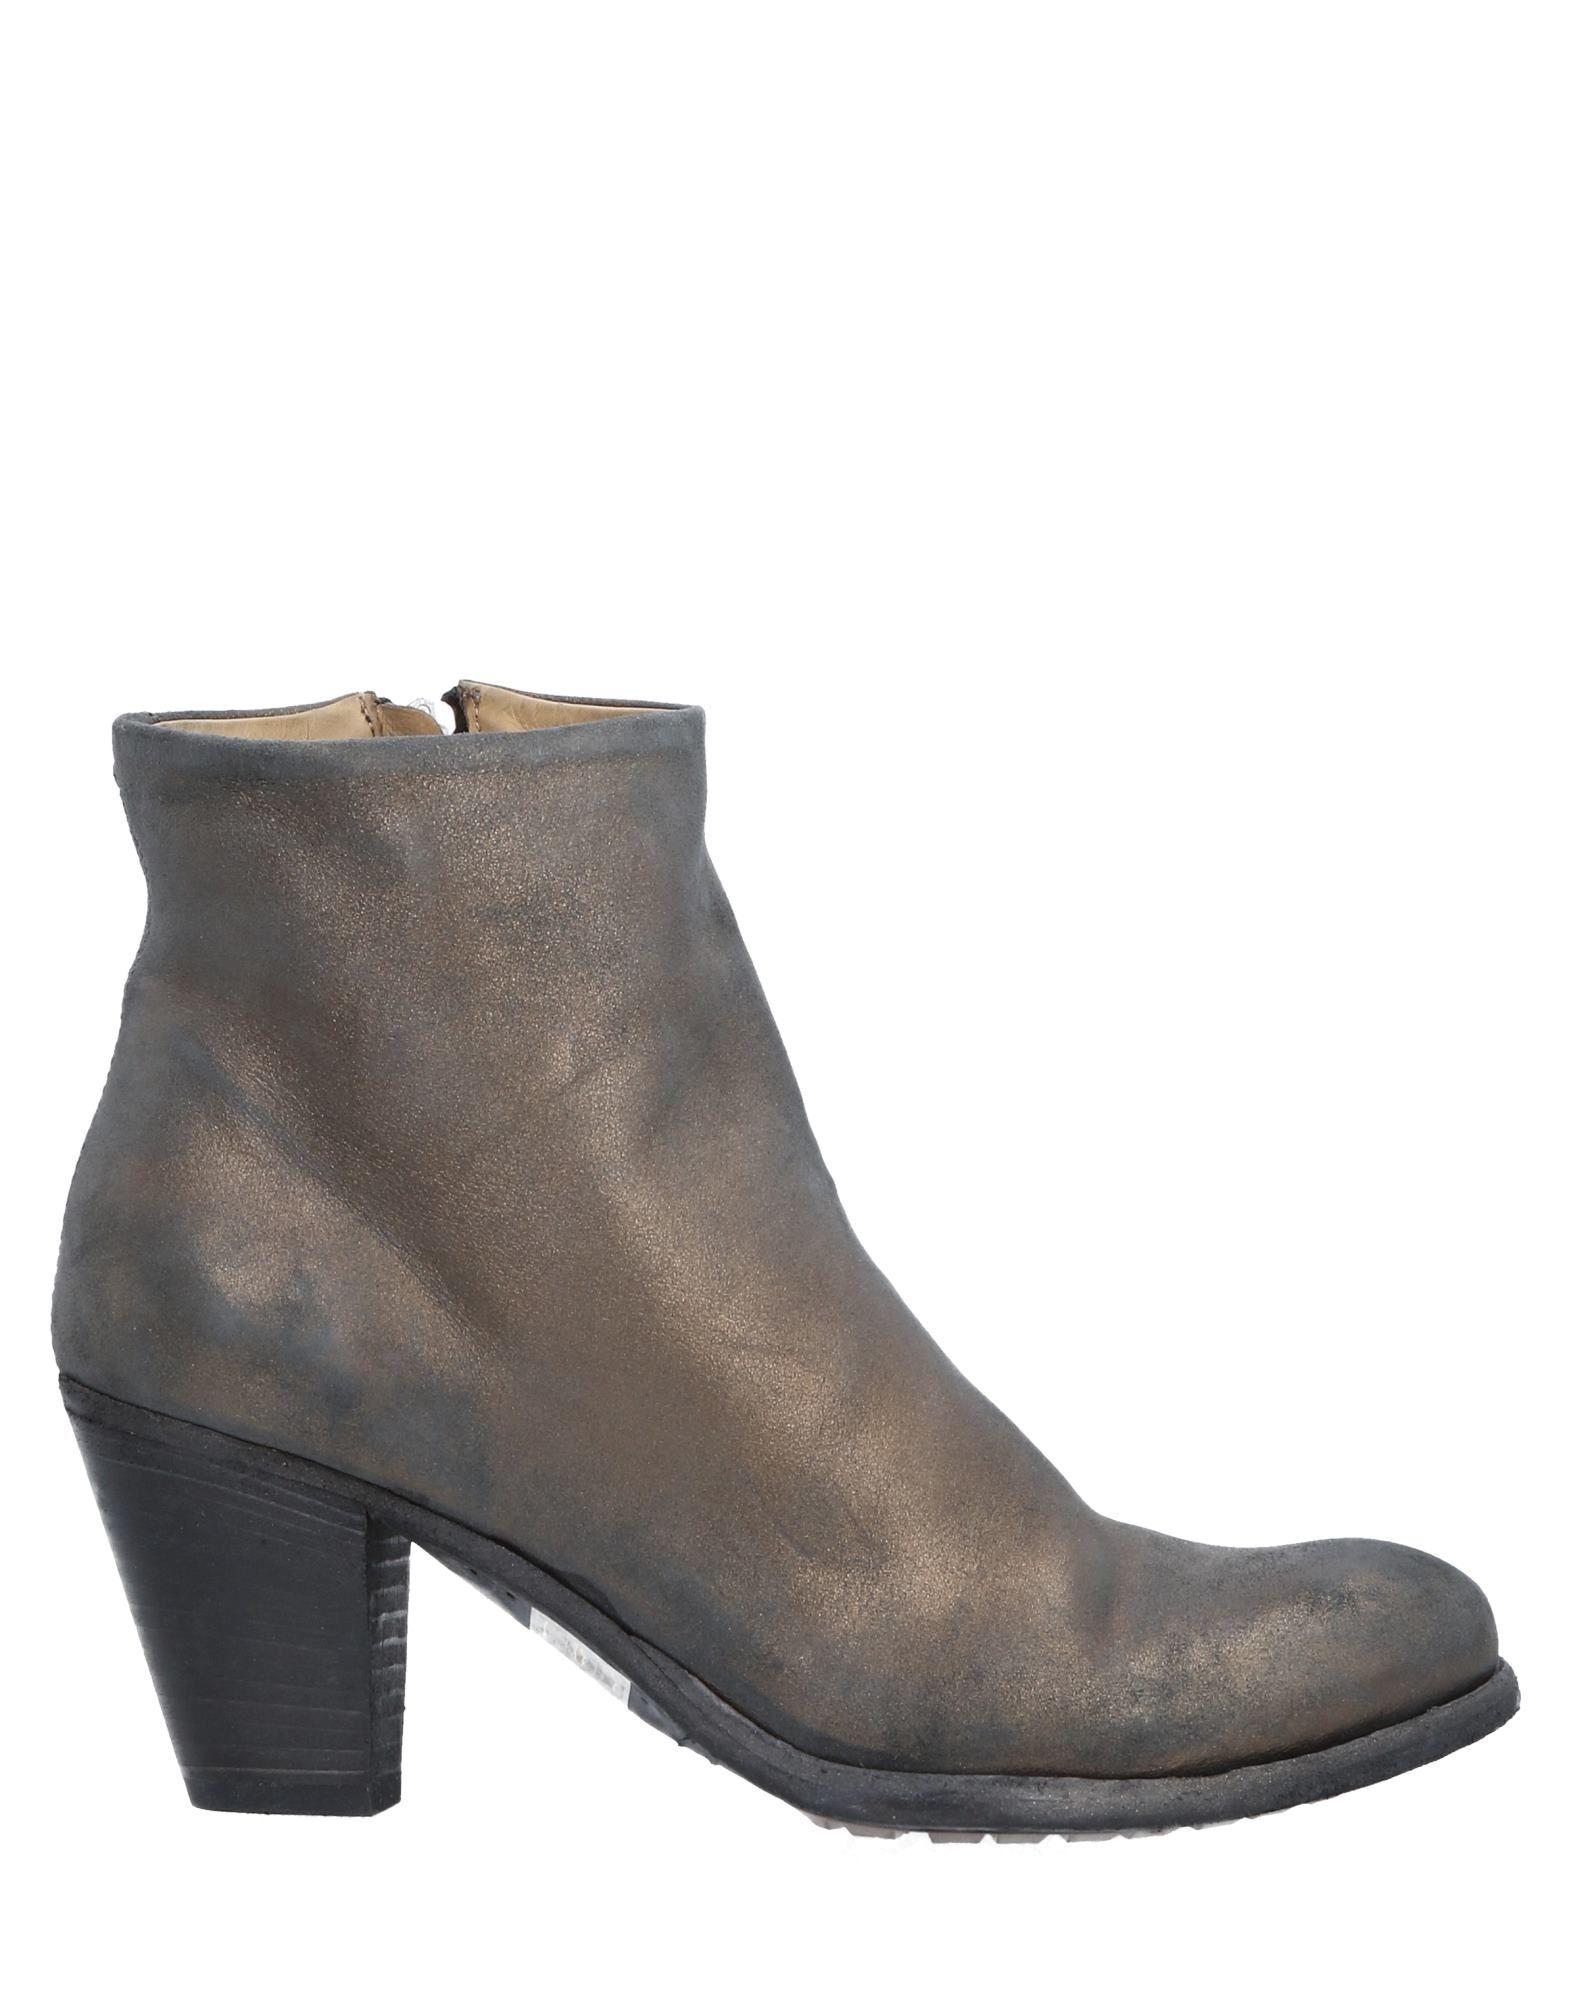 Officine Creative Italia Stiefelette Damen  11517253BLGünstige gut aussehende Schuhe